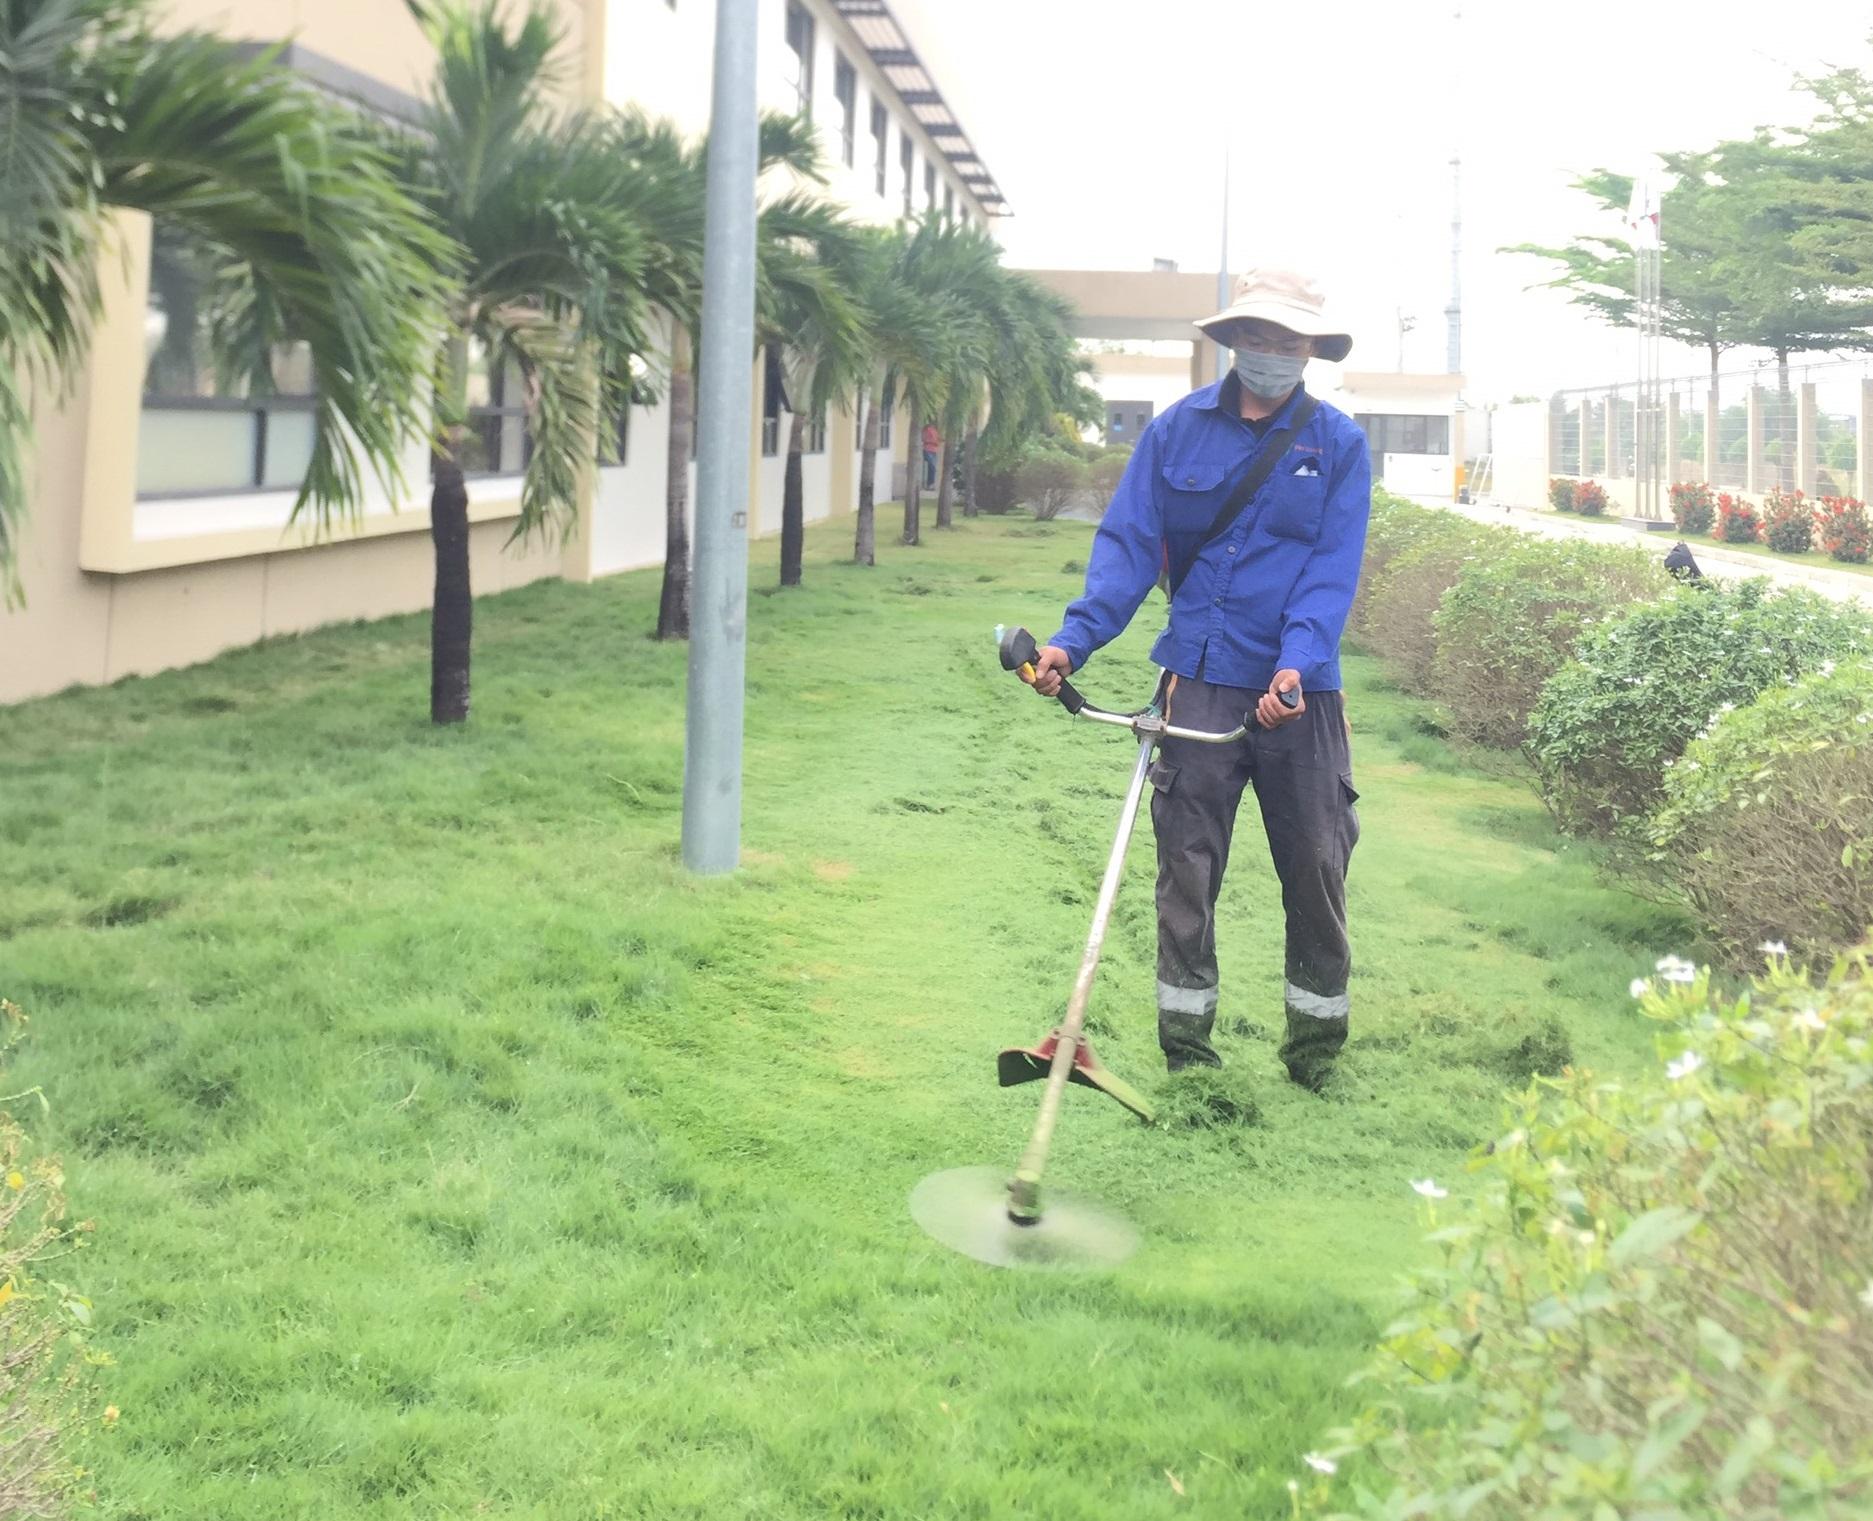 Thực hiện dịch vụ phát hoang cỏ dại tại các KCN Bình Dương cùng An Khang